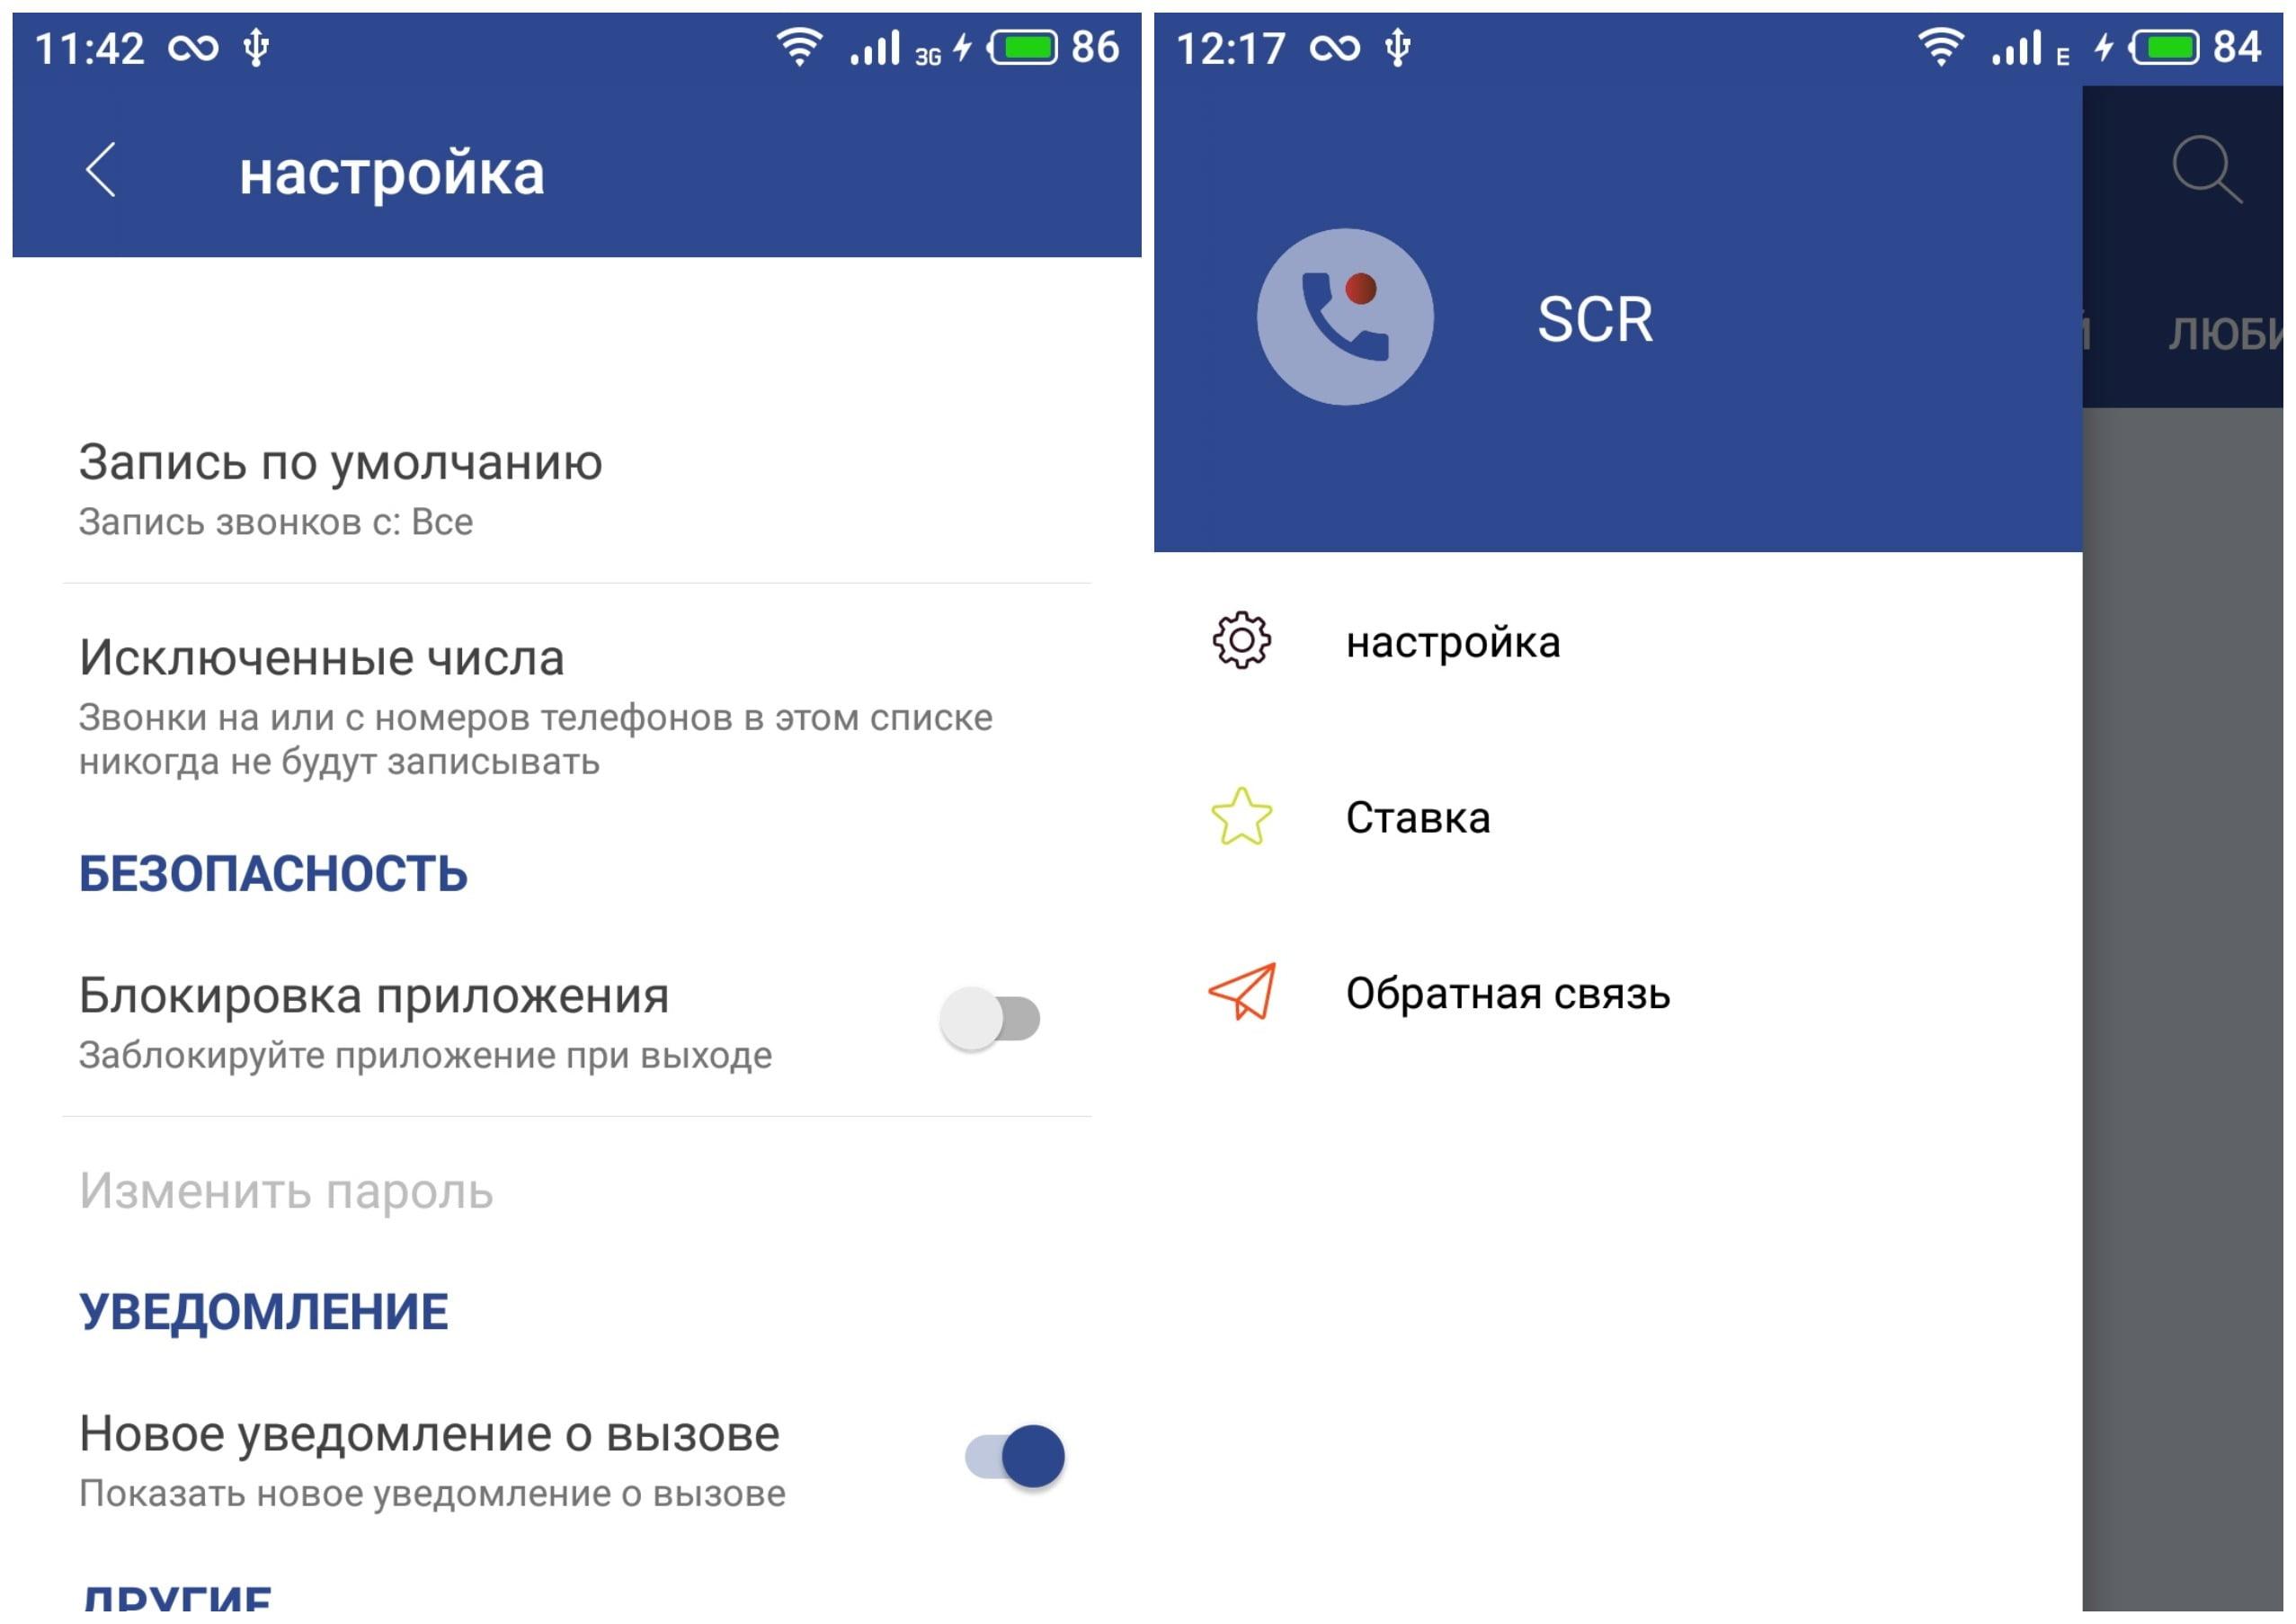 На фото приложение SCR.